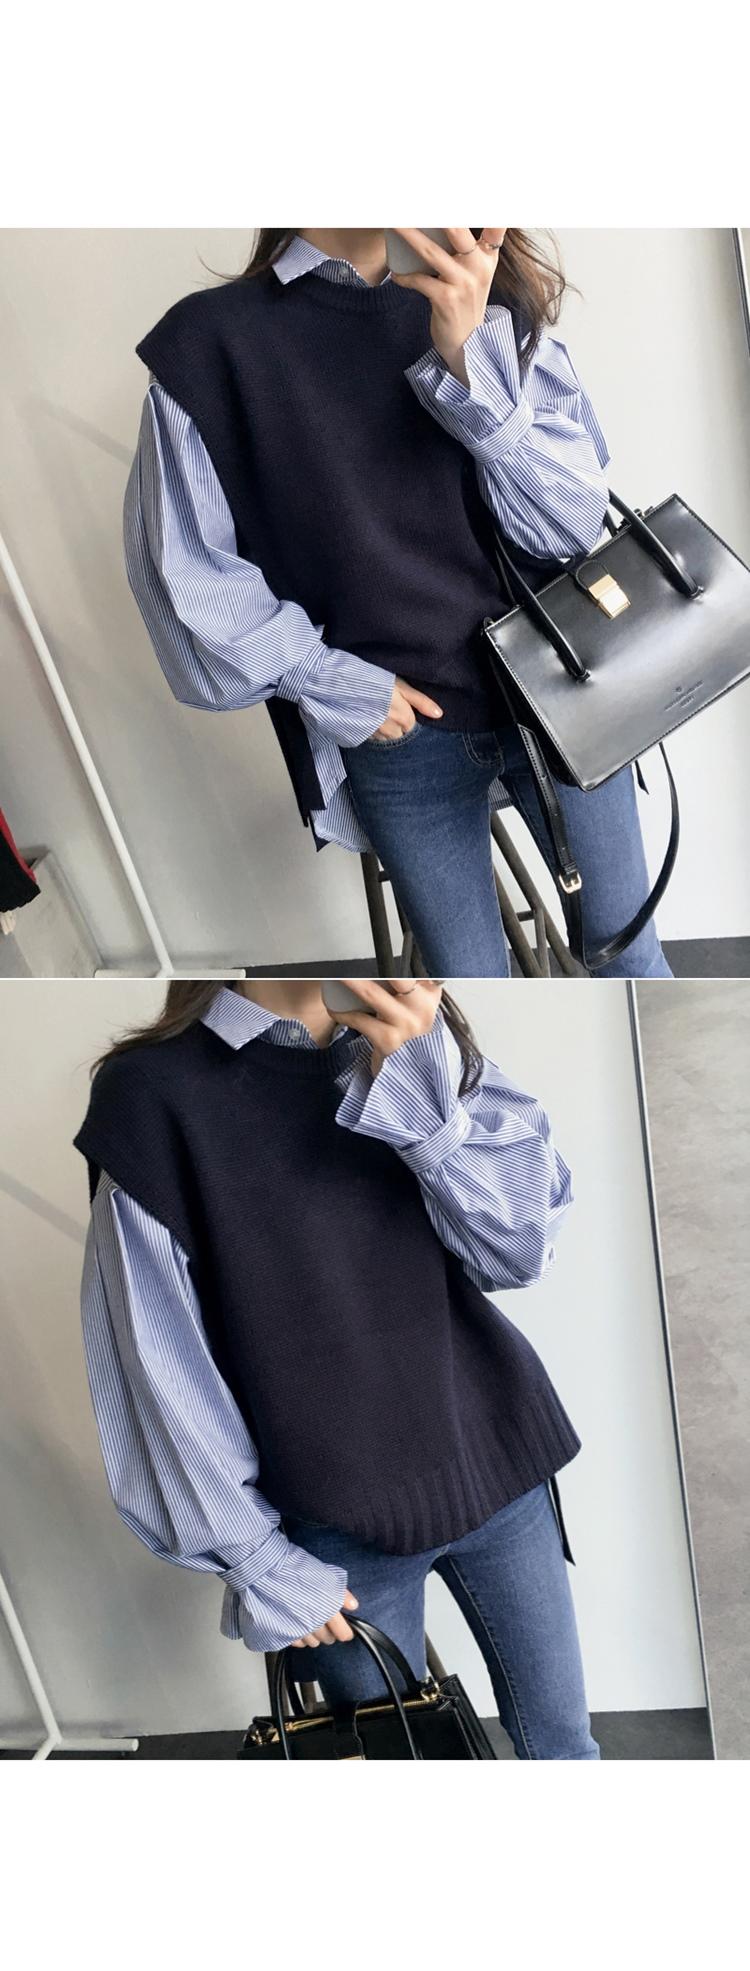 【即納】韓国 ファッション トップス ニット セーター 秋冬春 カジュアル SPTX5258  コーデに可愛げを呼ぶ。リボンディテールのニットベスト オルチャン シンプル 定番 セレカジの写真11枚目